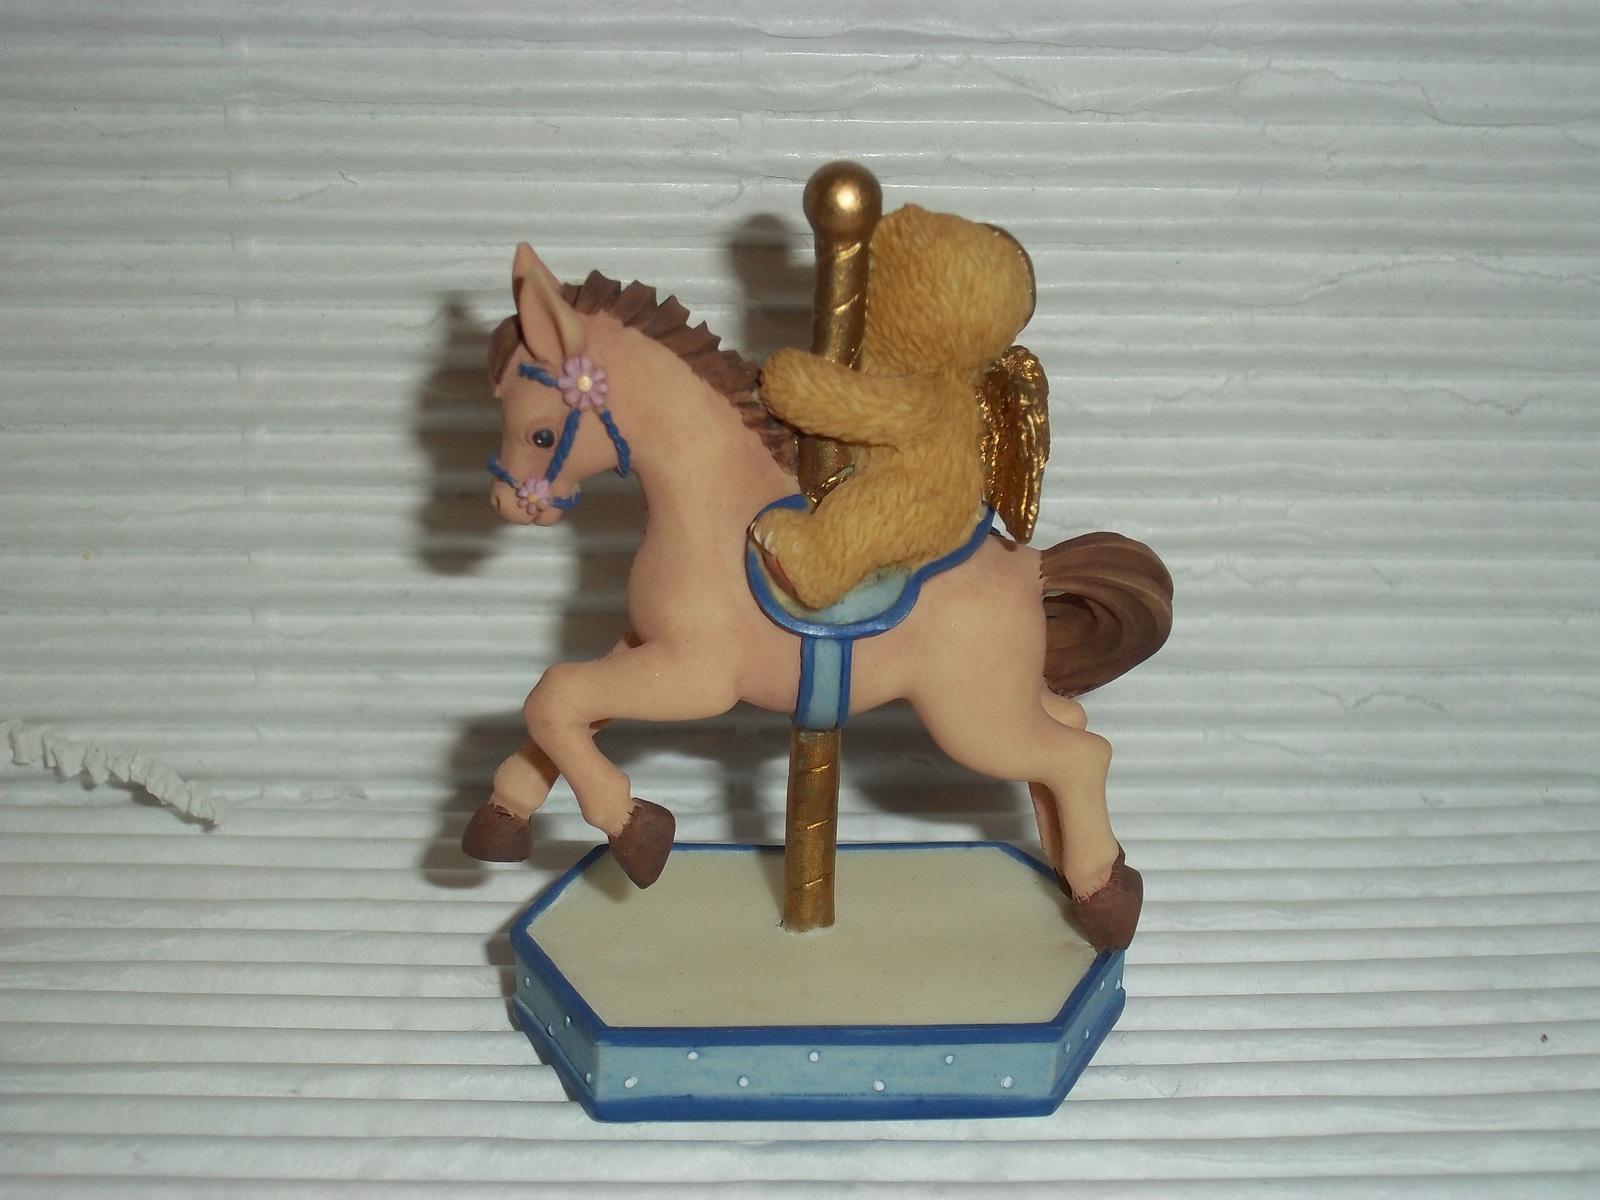 Retired Cherished Teddies September 2000 Carousel #755311 Enesco Angel Bear